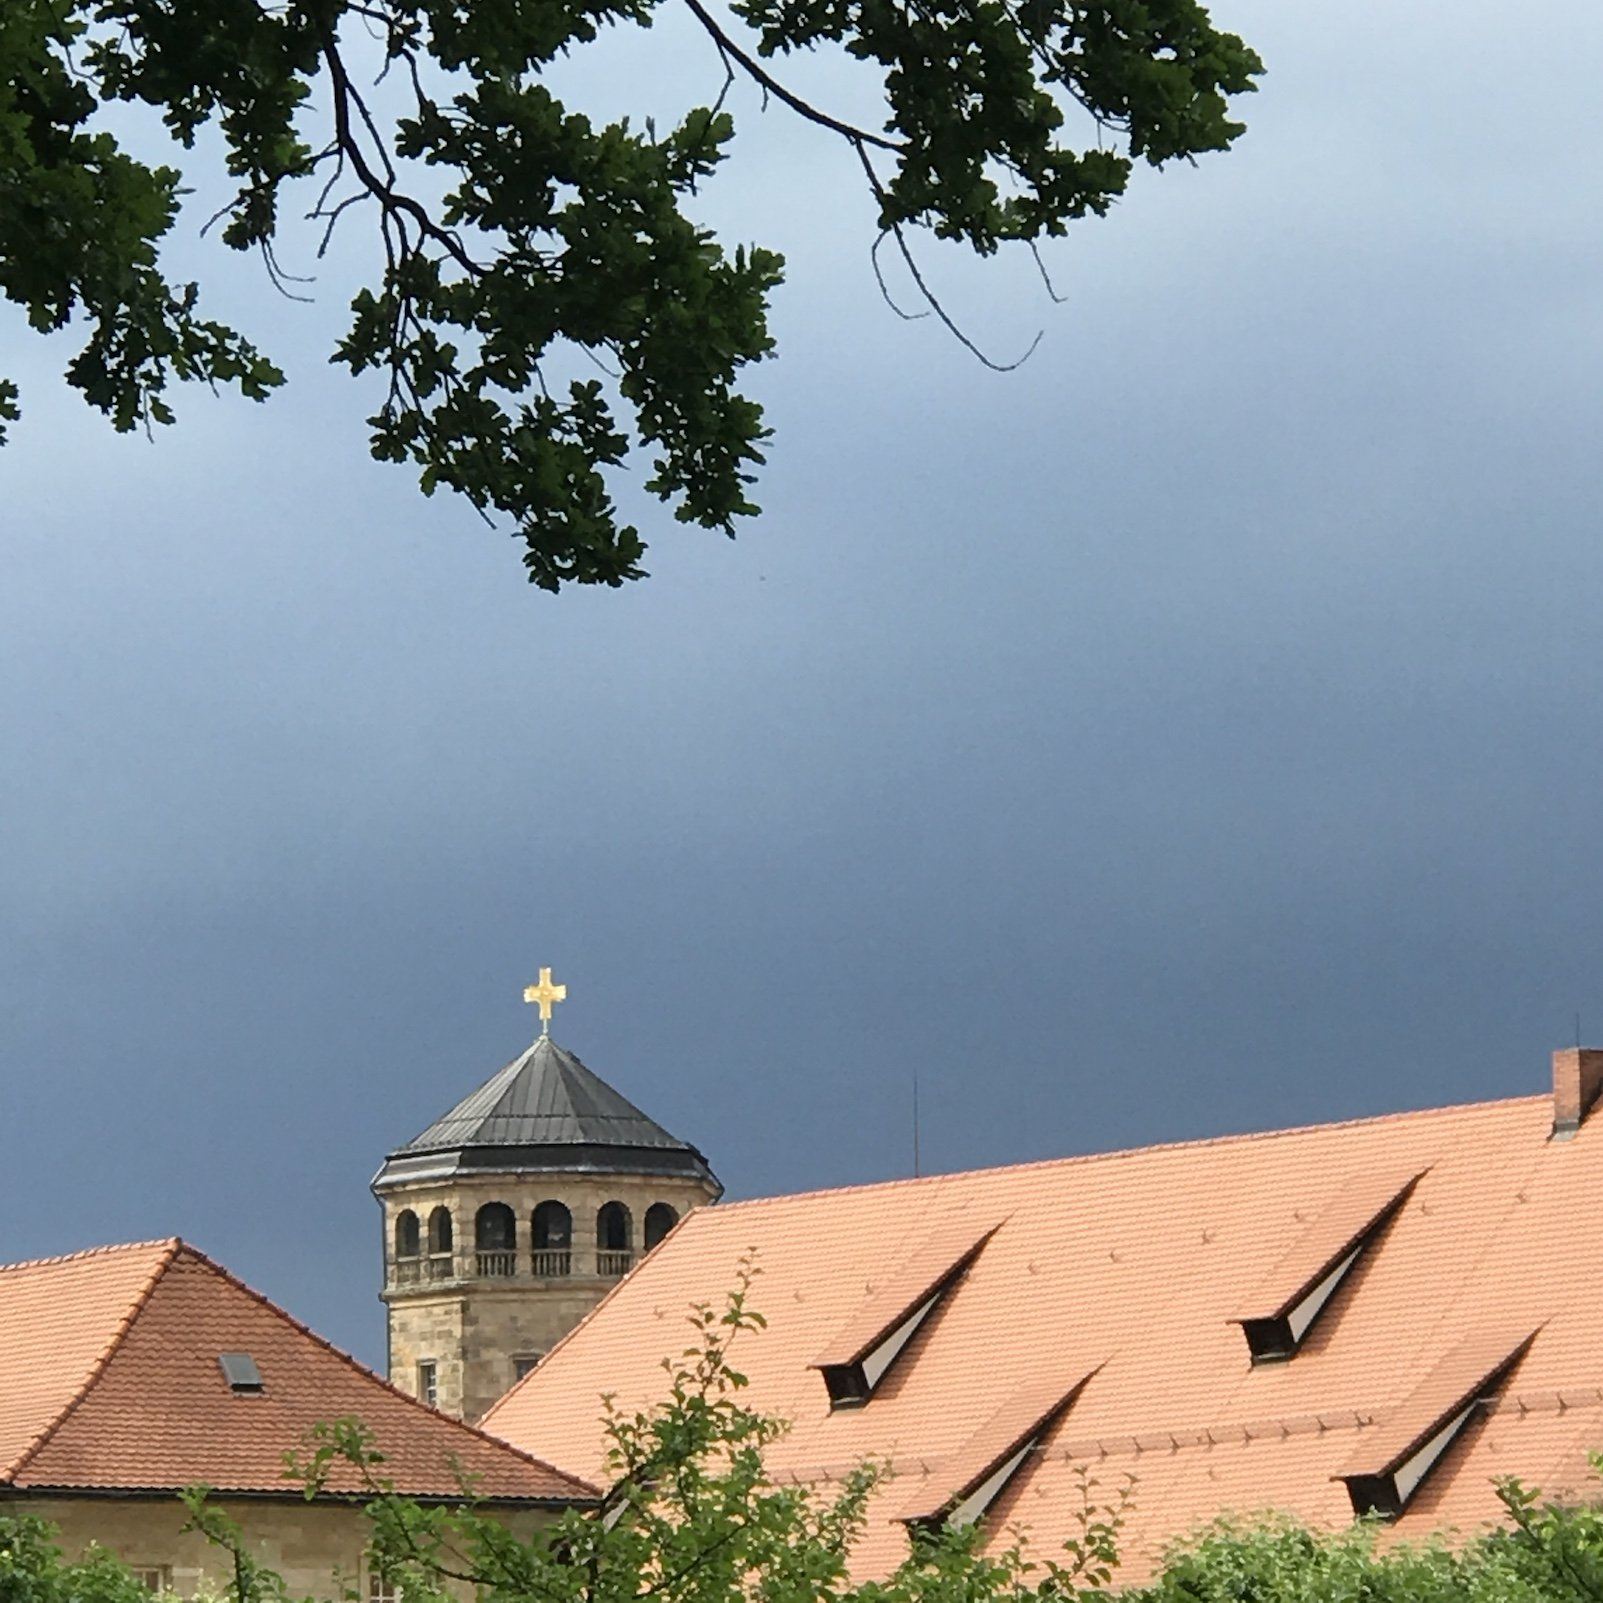 Sonne spiegelt sich im Kreuz vor dem dunkelgrauen Himmel in Bayreuth